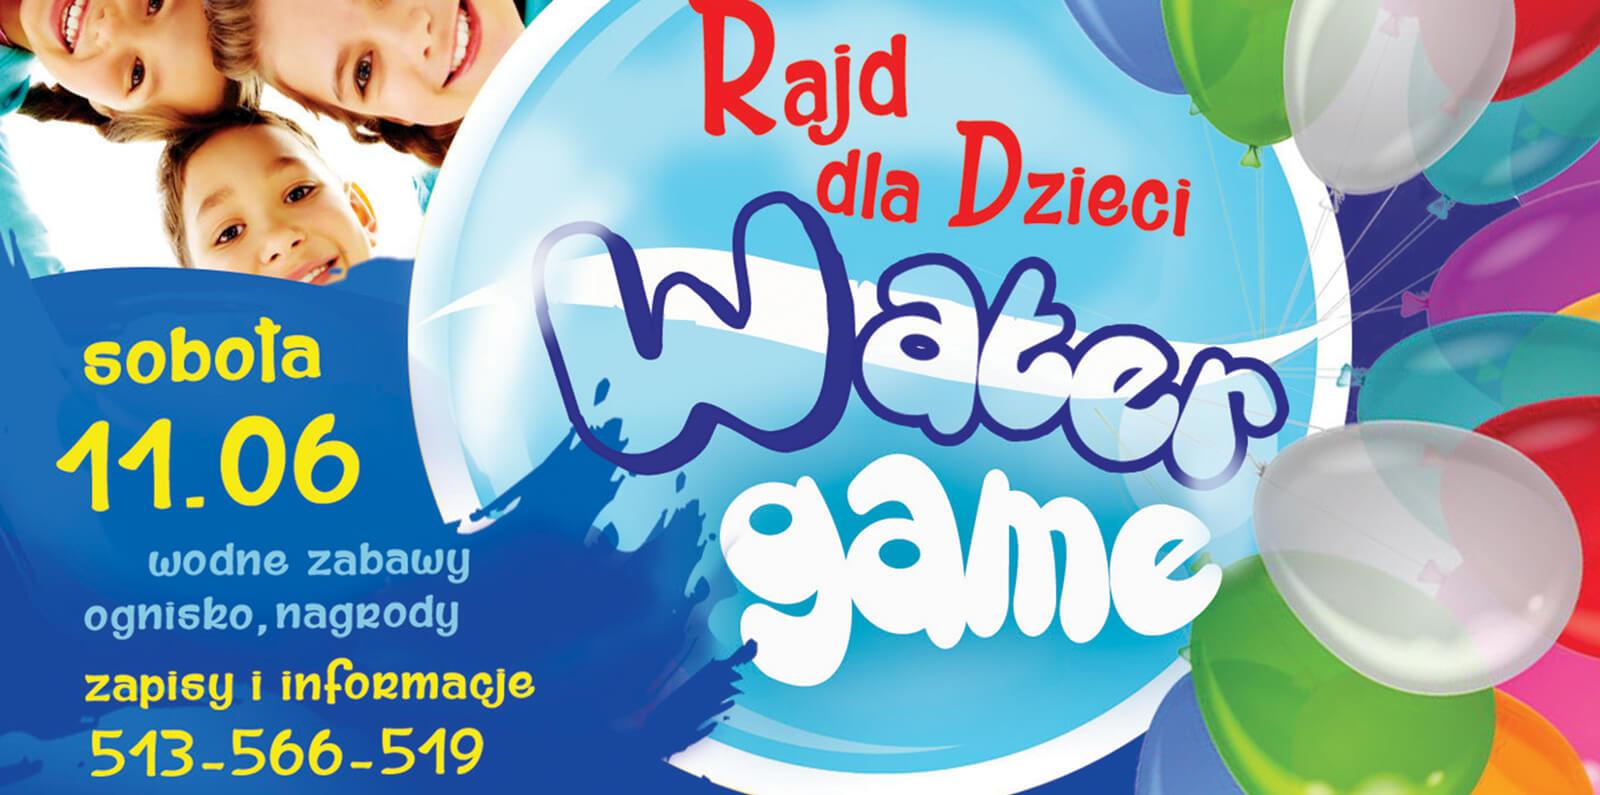 Water Game – Rajd 2016